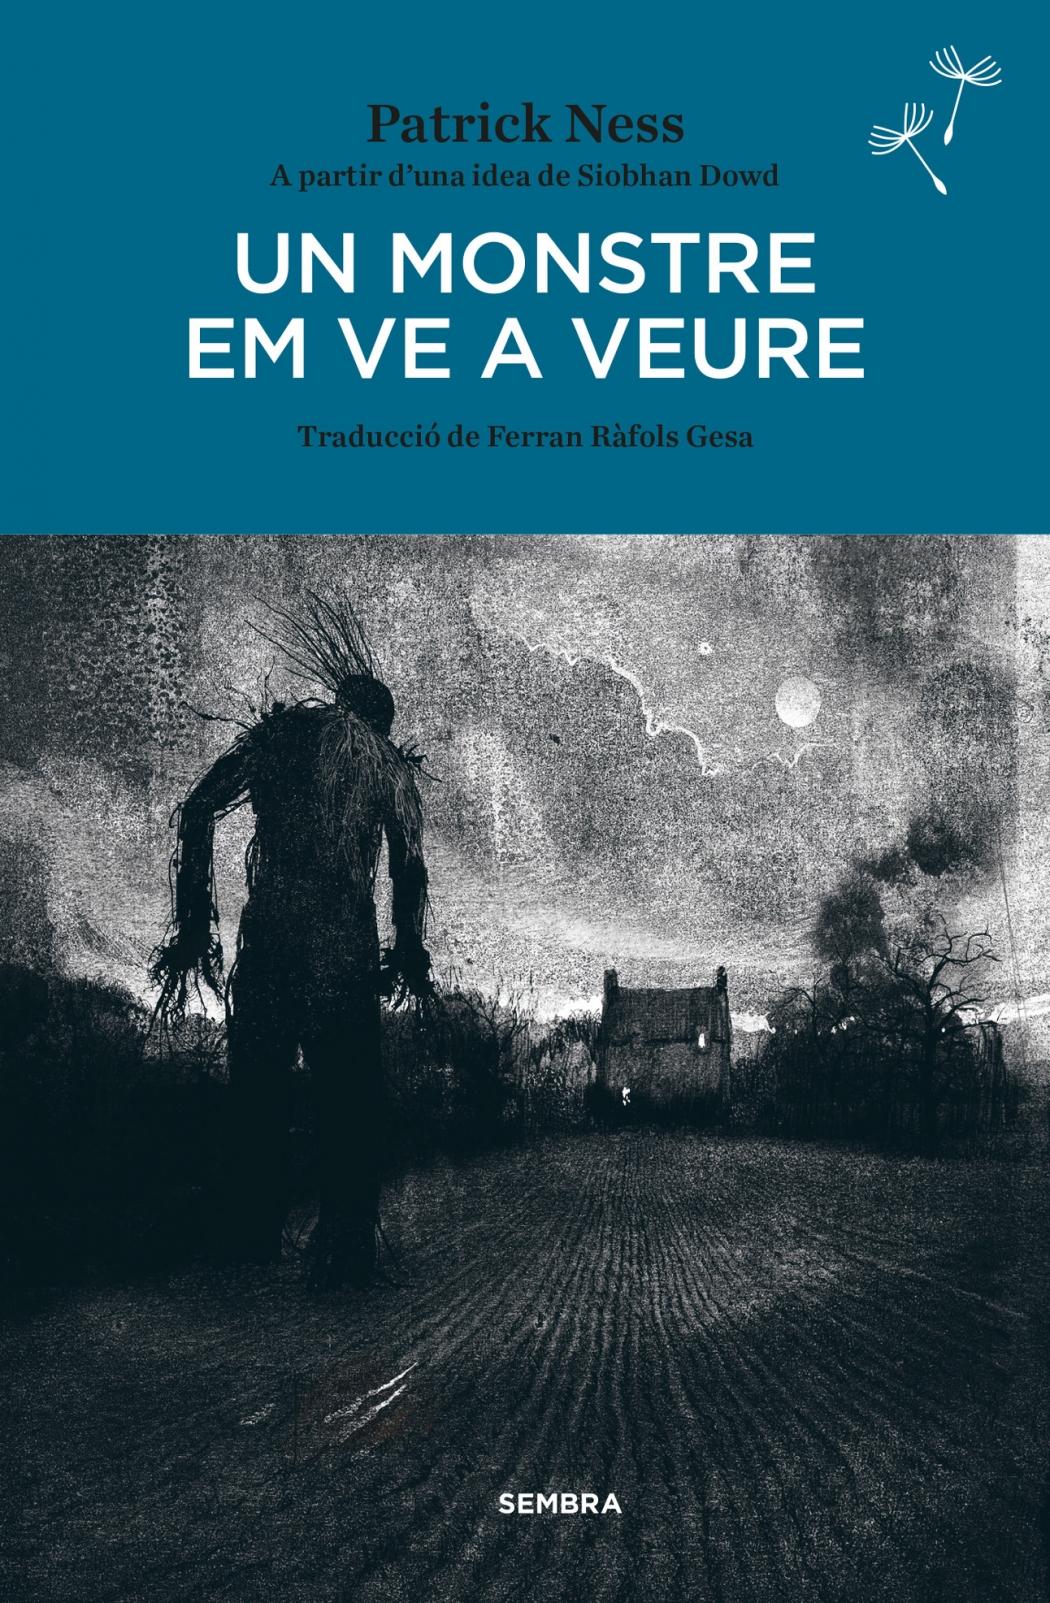 Edició de butxaca d'aquesta novel·la extraordinària adaptada al cinema per J. A. Bayona